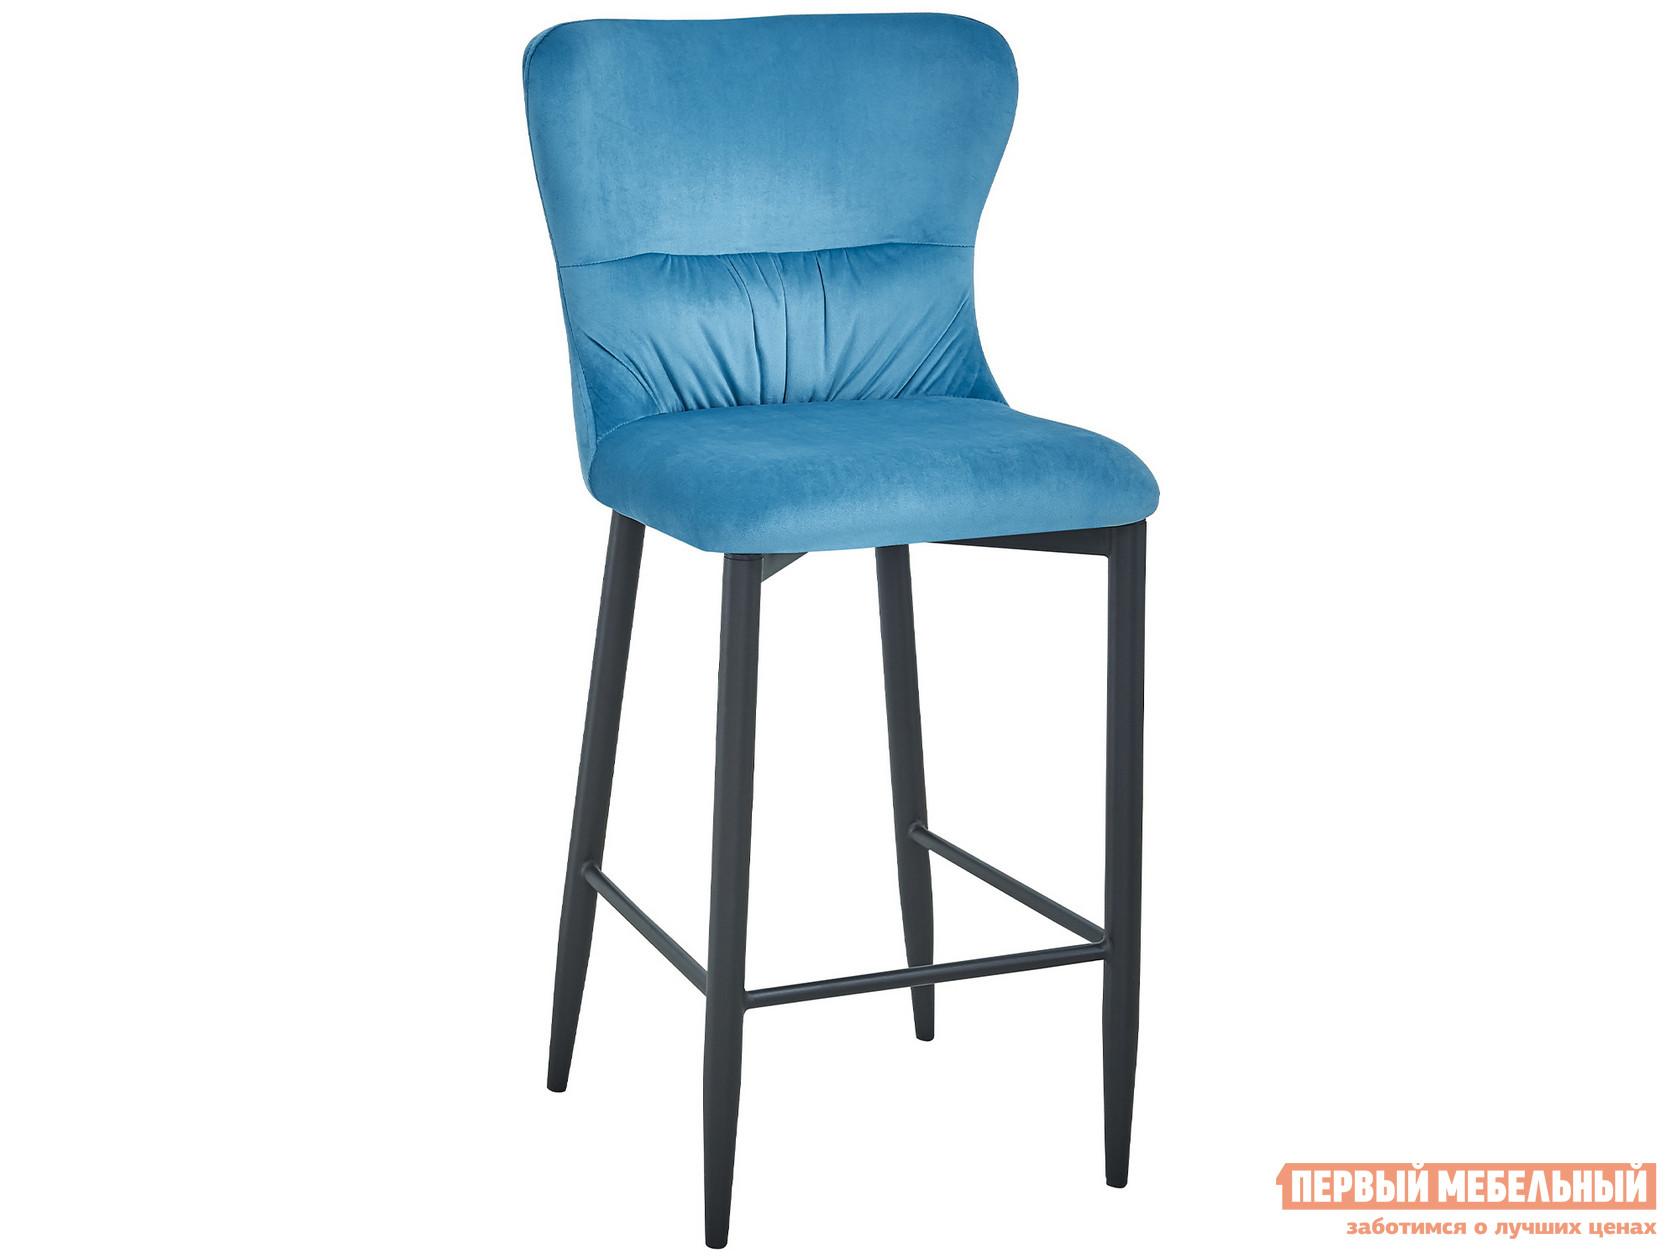 Барный стул  полубарный Лилиан MC151C VELVET HLR-59 Темно-бирюзовый, велюр, Stool Group 104776